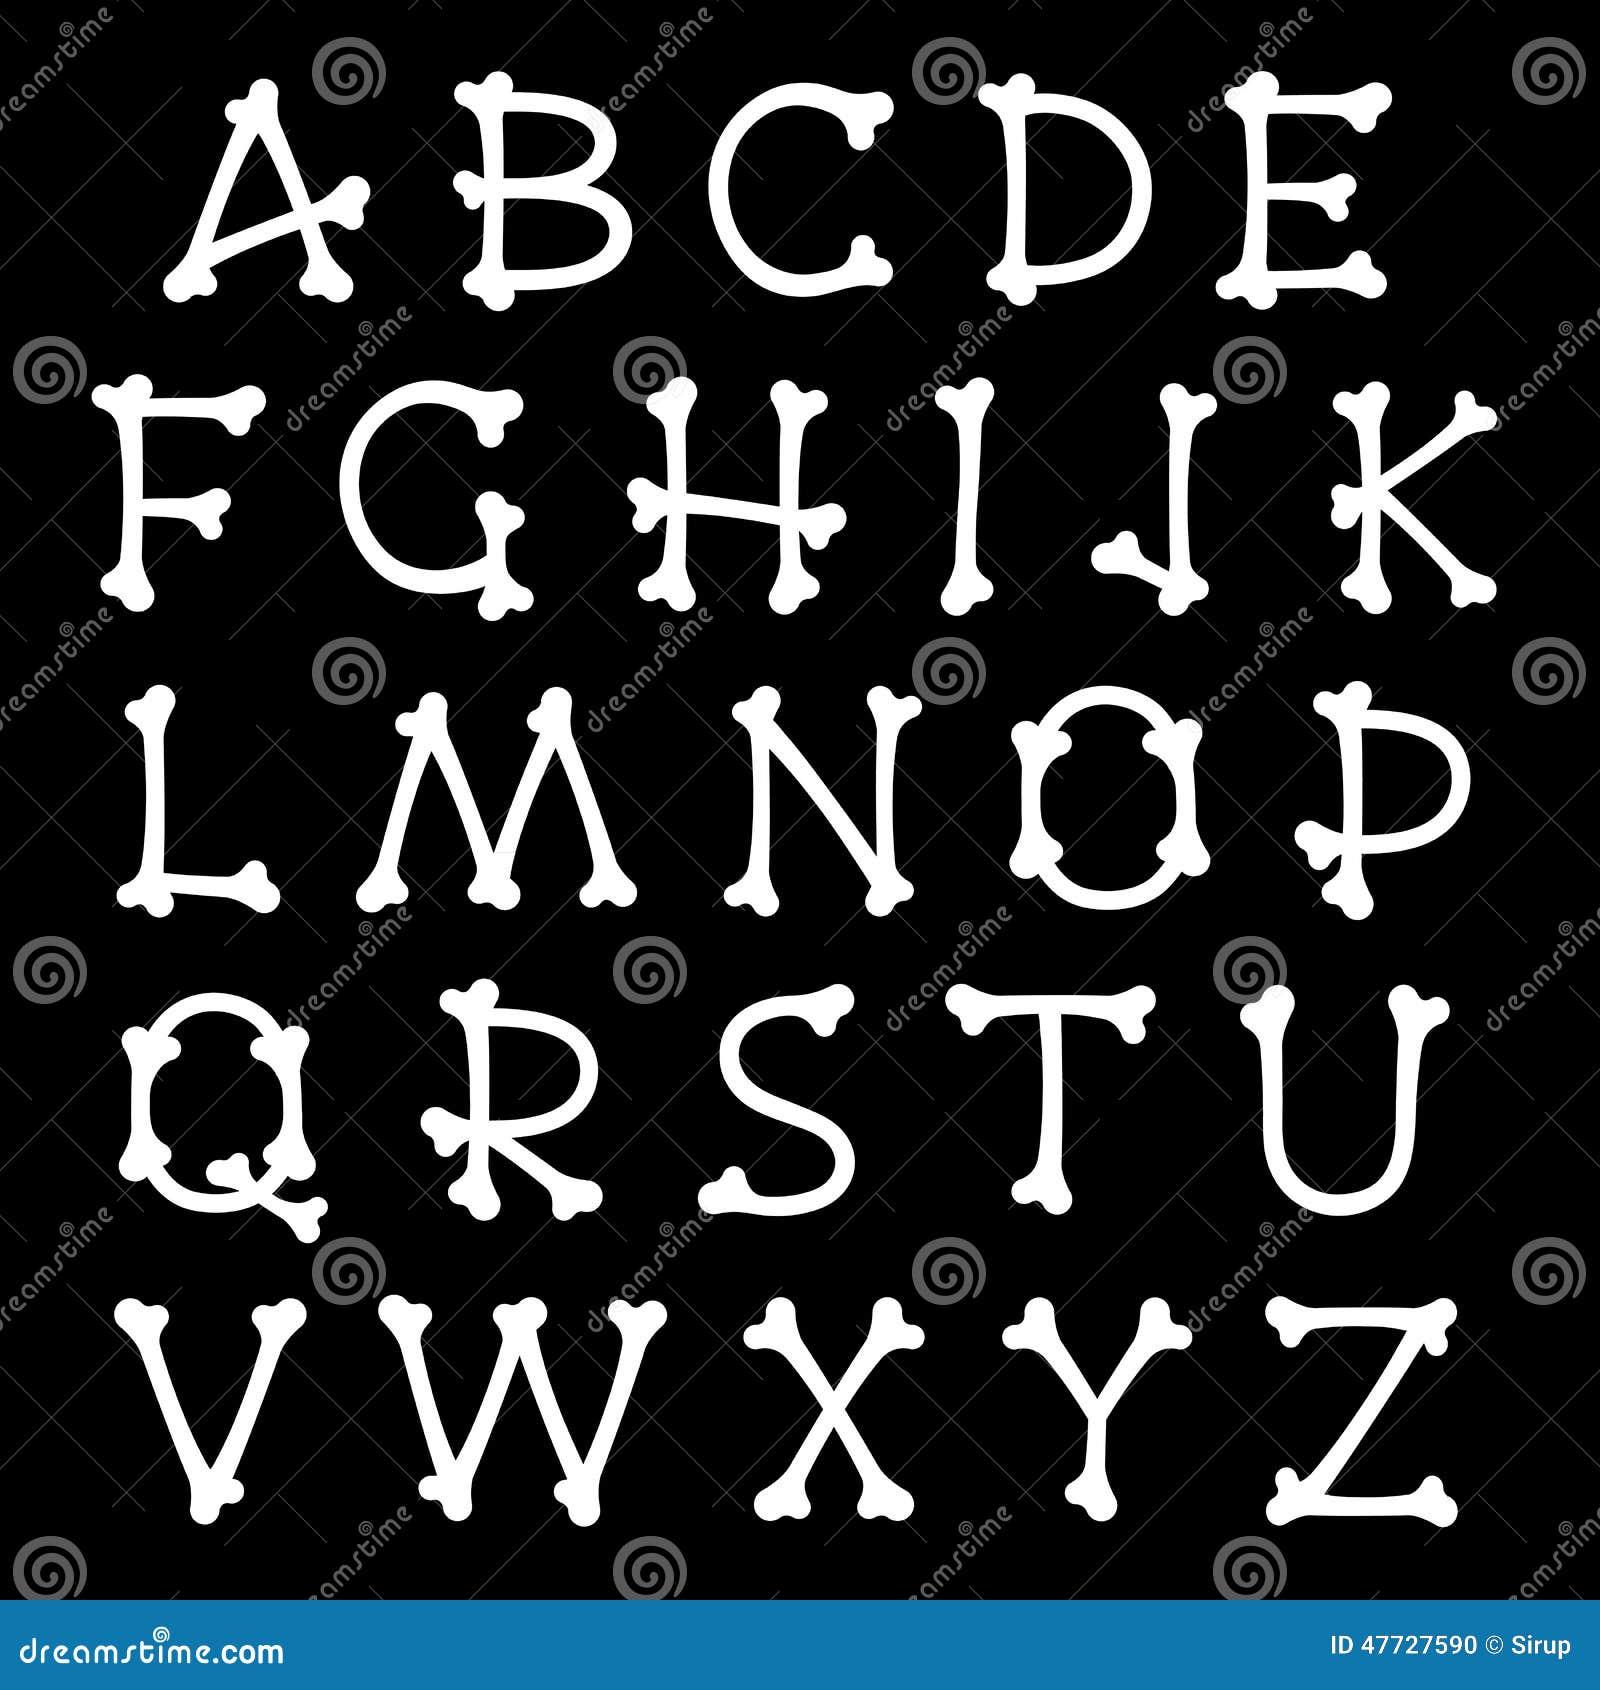 Skeleton Letter Template